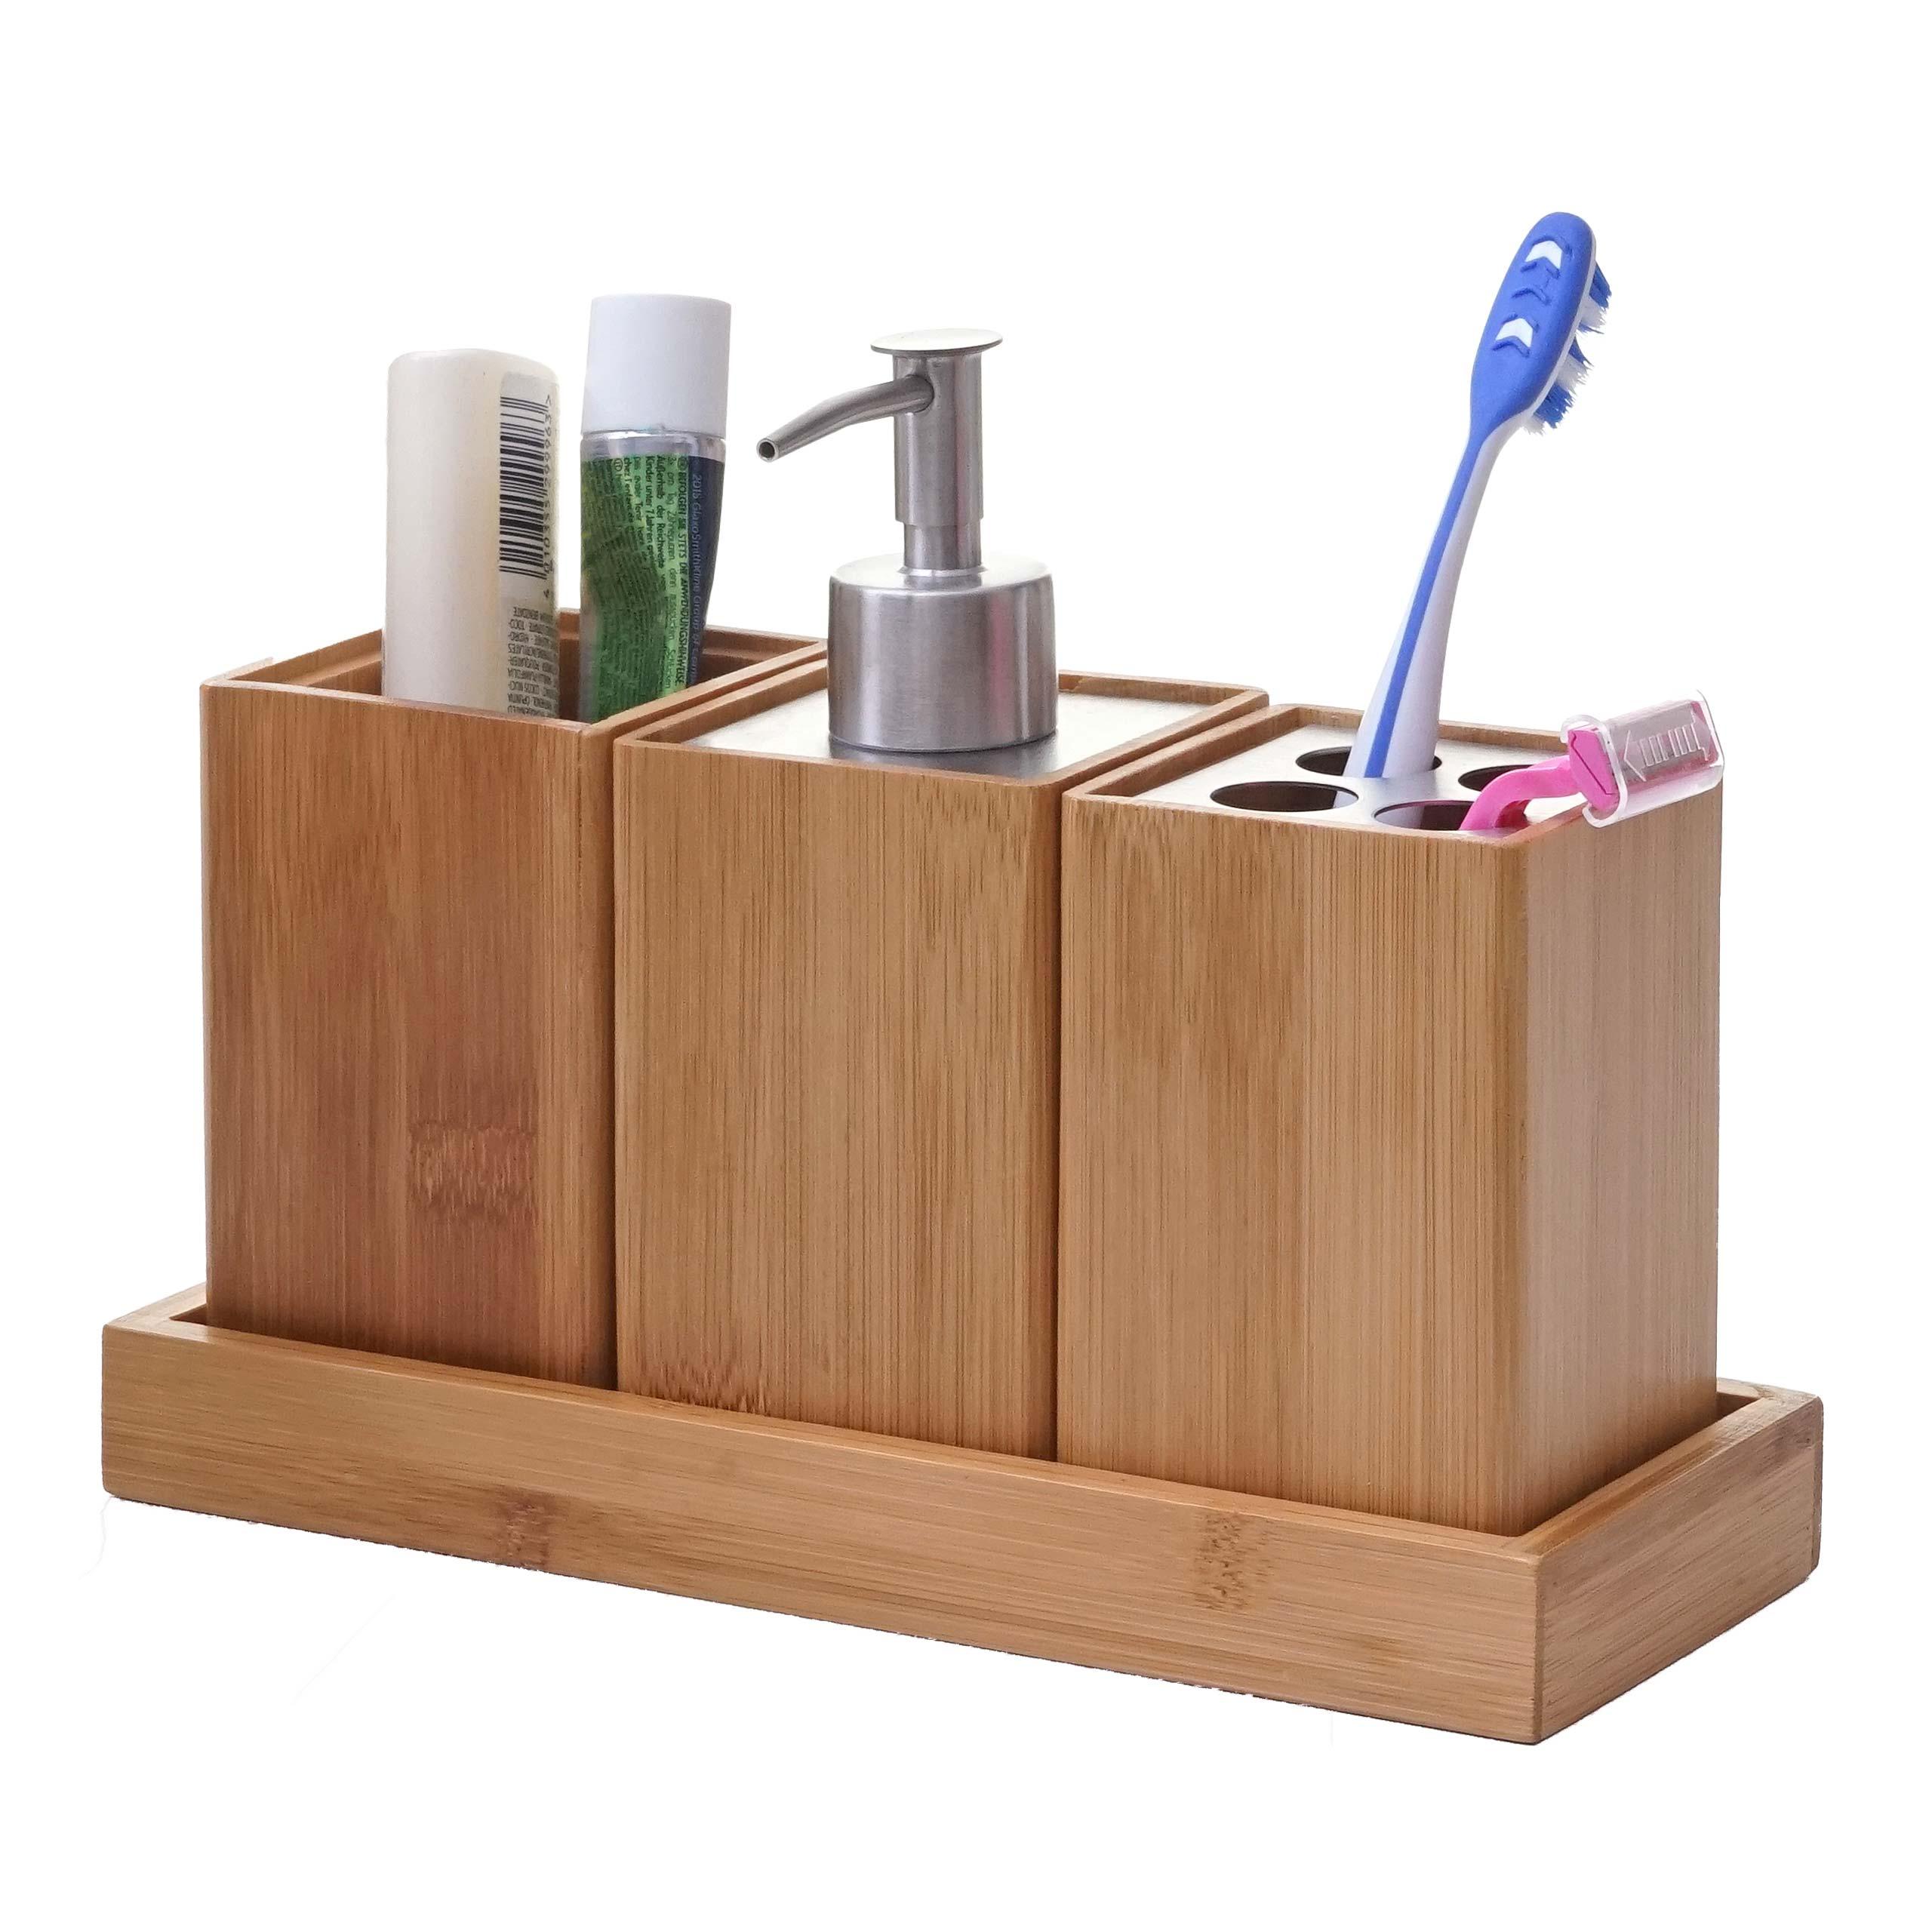 4-teiliges Badset HWC-B85, Badezimmerset Badaccessoires Seifenspender  Zahnbürstenhalter, Bambus